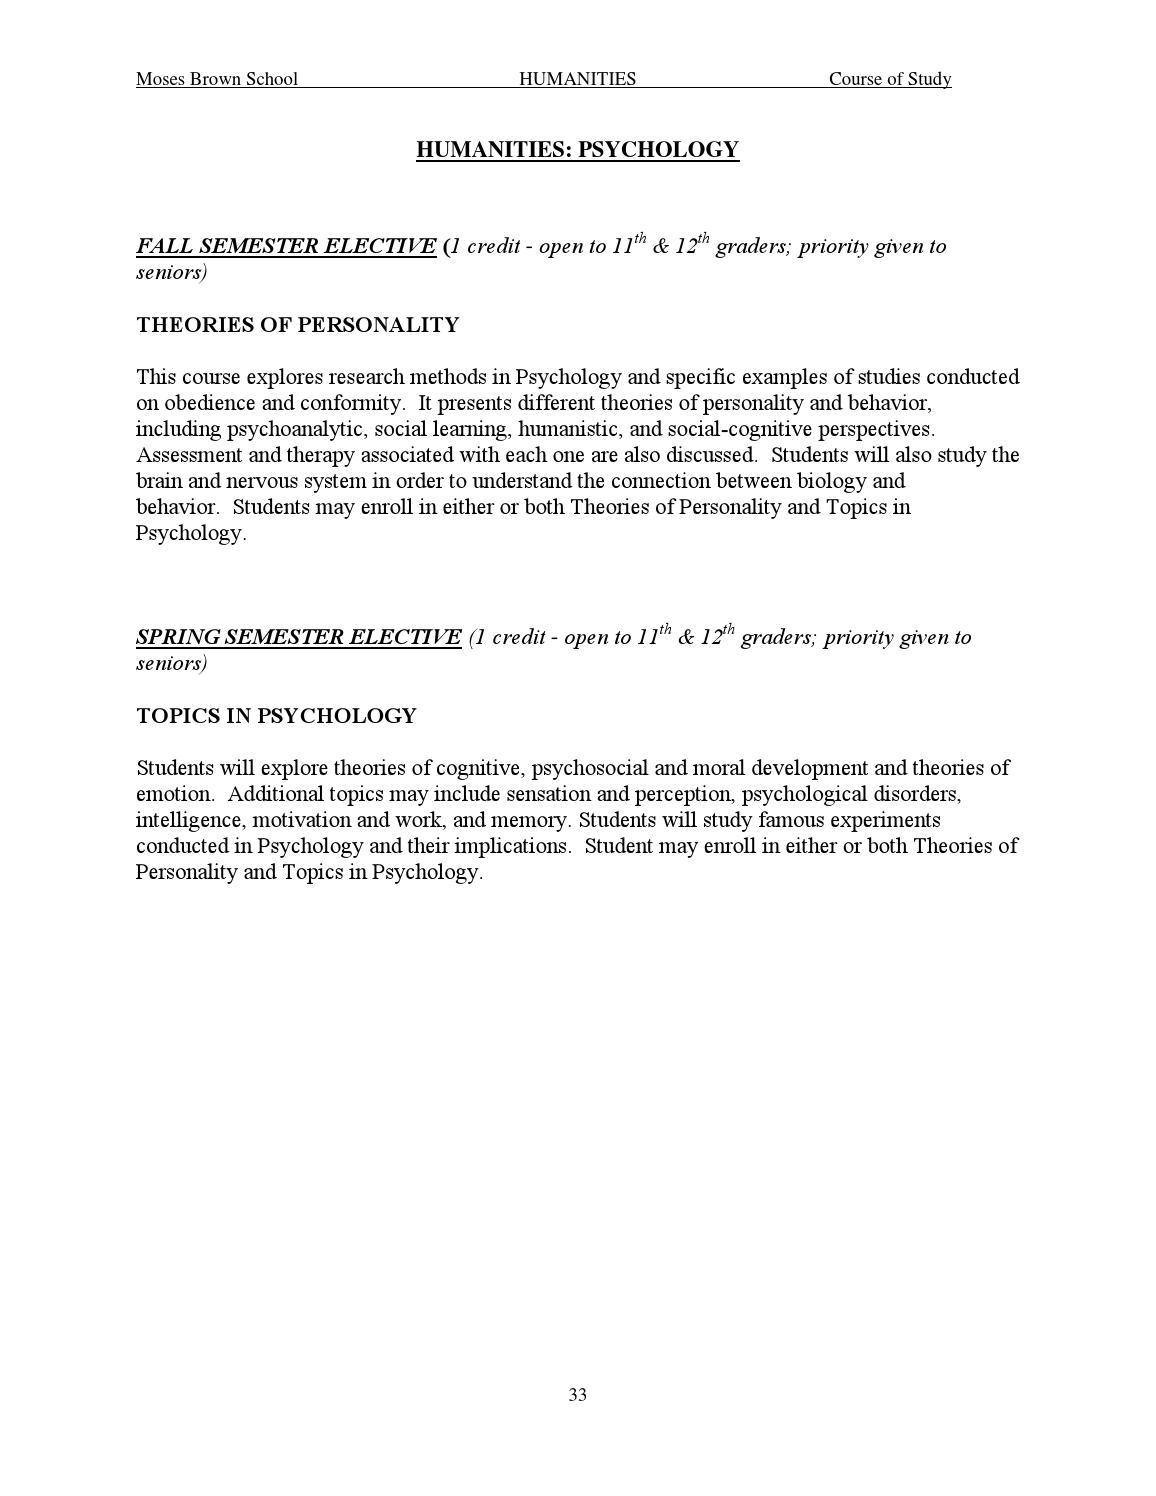 ... service manual ebook bouletboots us Array - manual for miyano bnc 34t  ebook rh manual for miyano bnc 34t ebook zettadata